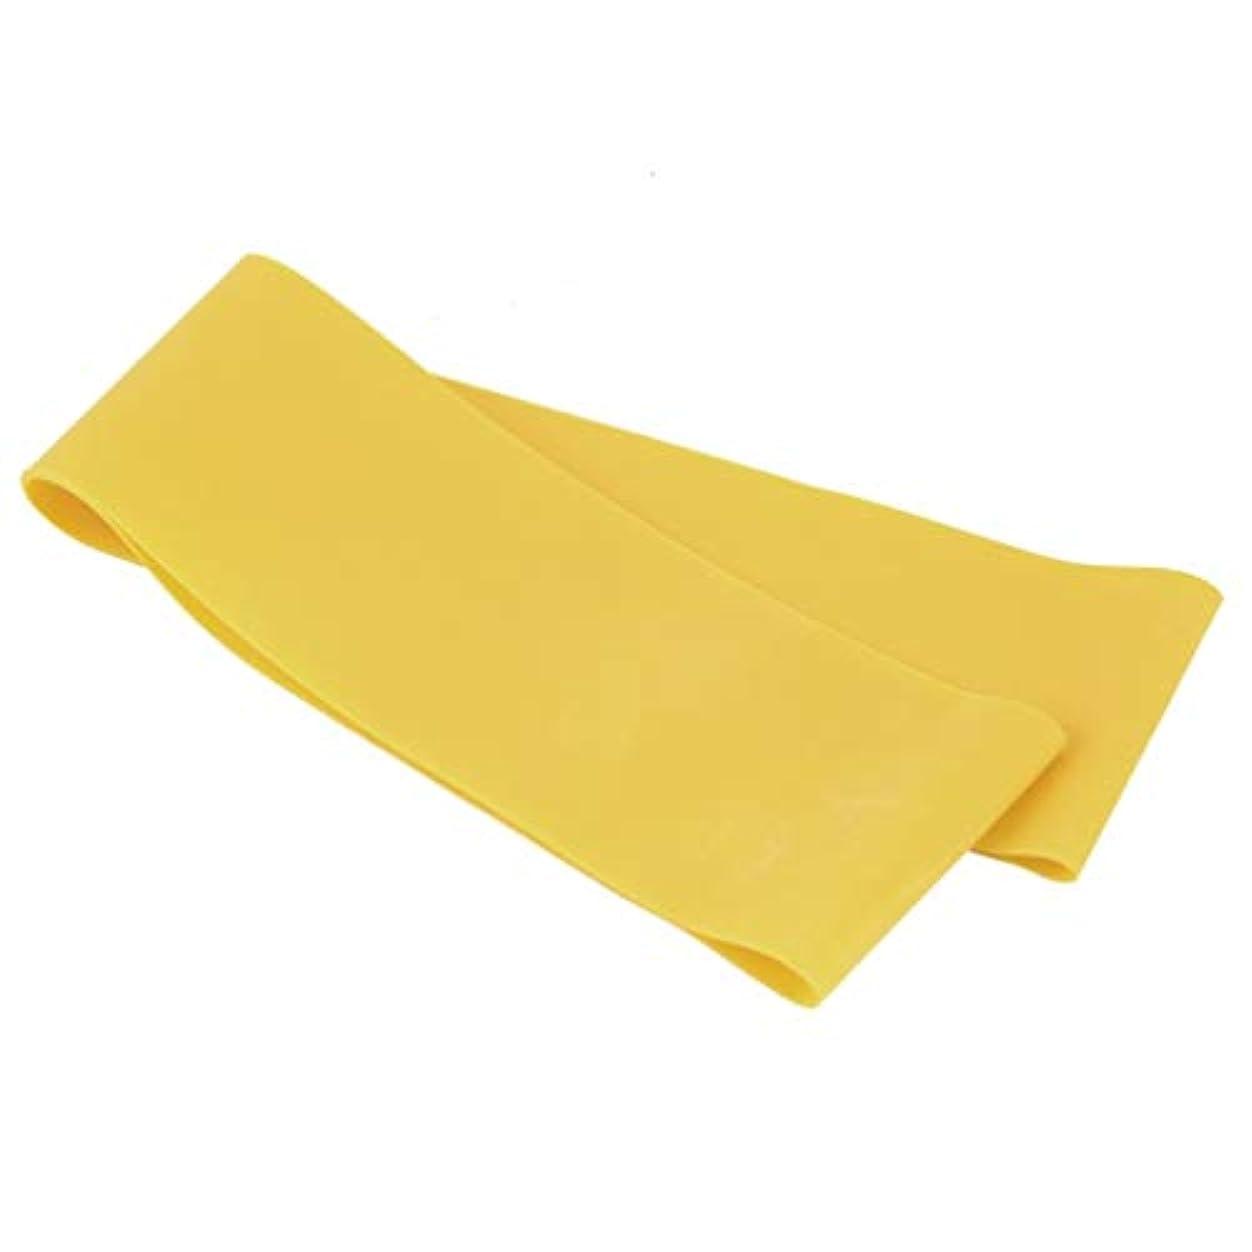 見えるピービッシュ反逆滑り止めの伸縮性のあるゴム製伸縮性があるヨガのベルトバンド引きロープの張力抵抗バンドループ強さのためのフィットネスヨガツール - 黄色